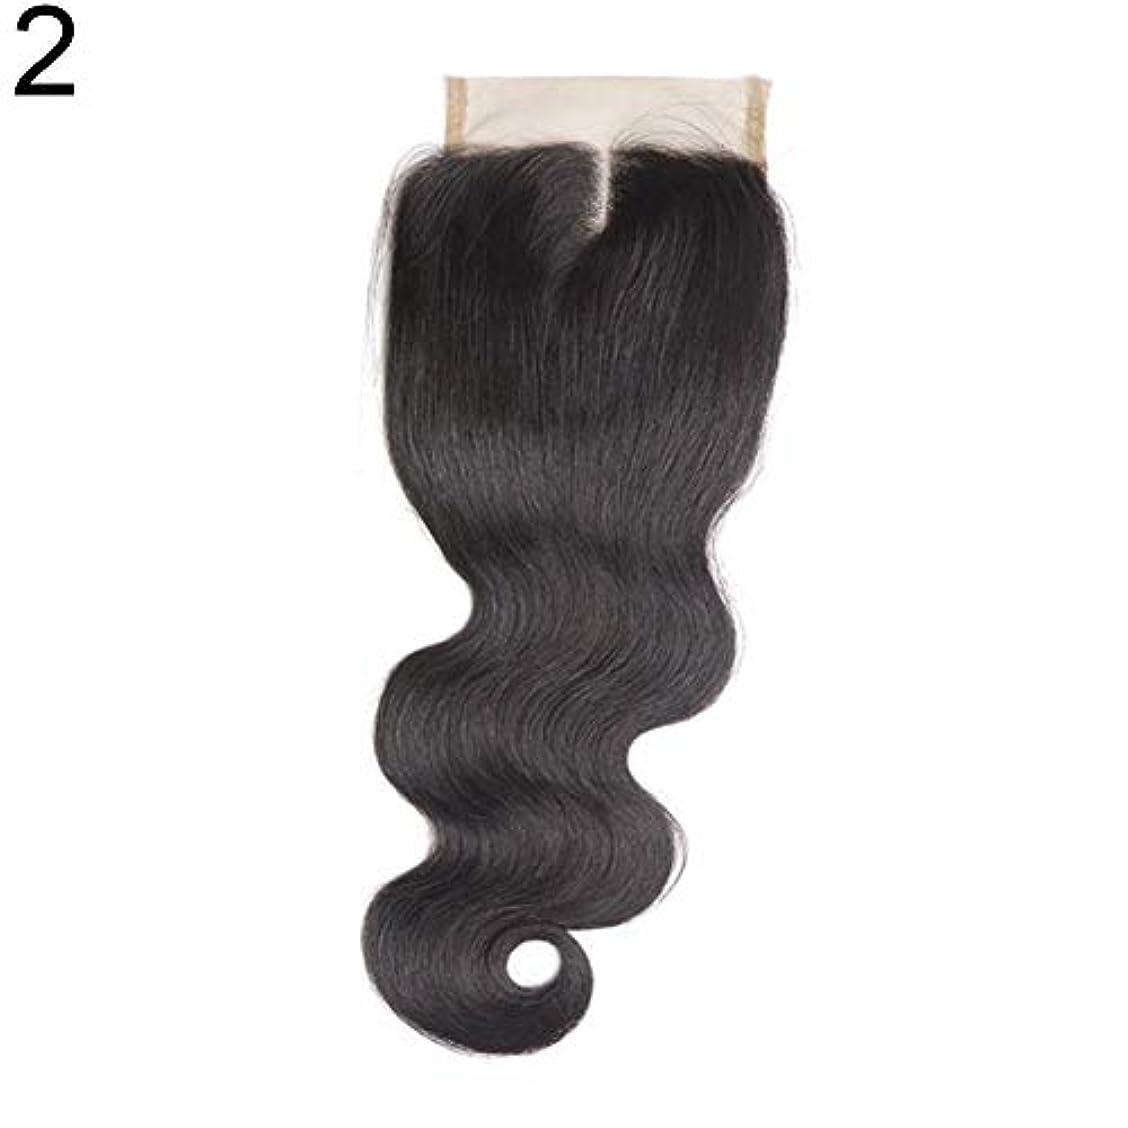 アームストロング後方吸収剤slQinjiansav女性ウィッグ修理ツールブラジルのミドル/フリー/3部人間の髪のレース閉鎖ウィッグ黒ヘアピース